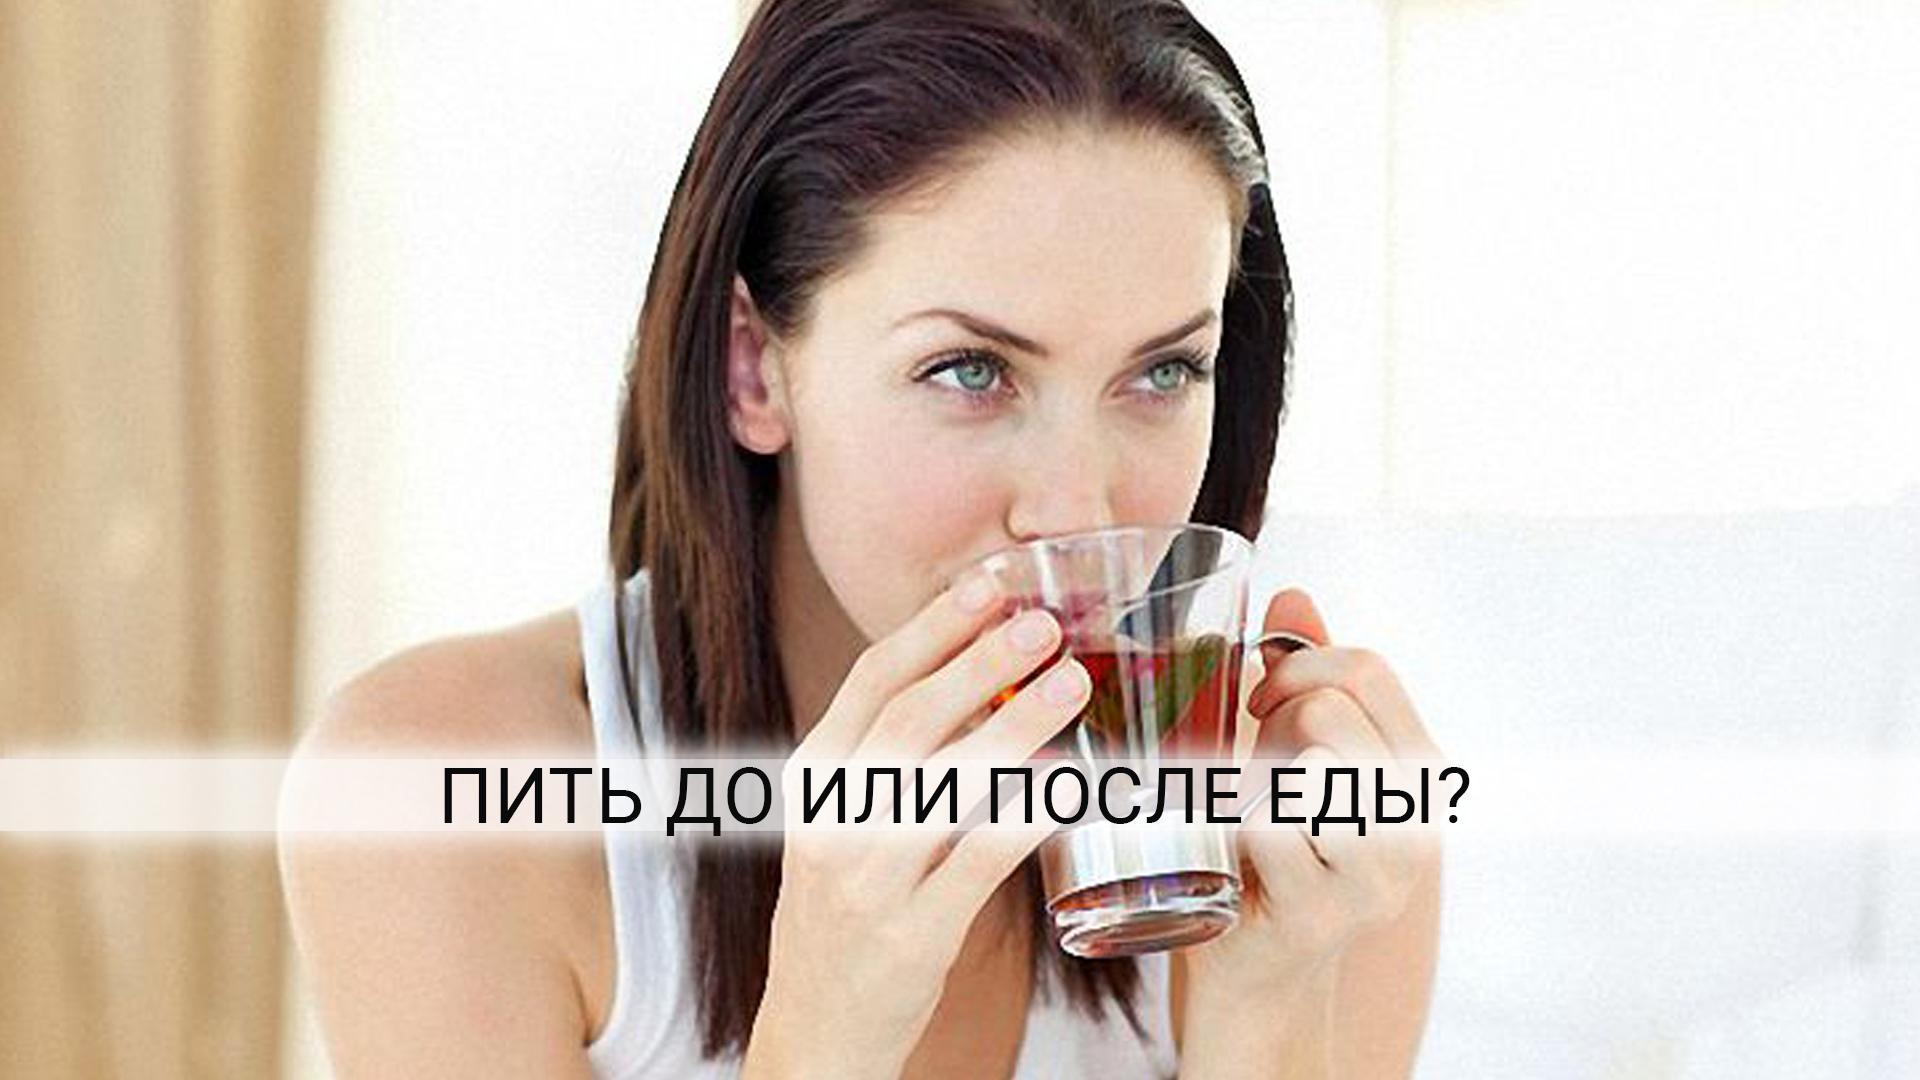 Когда пить после еды